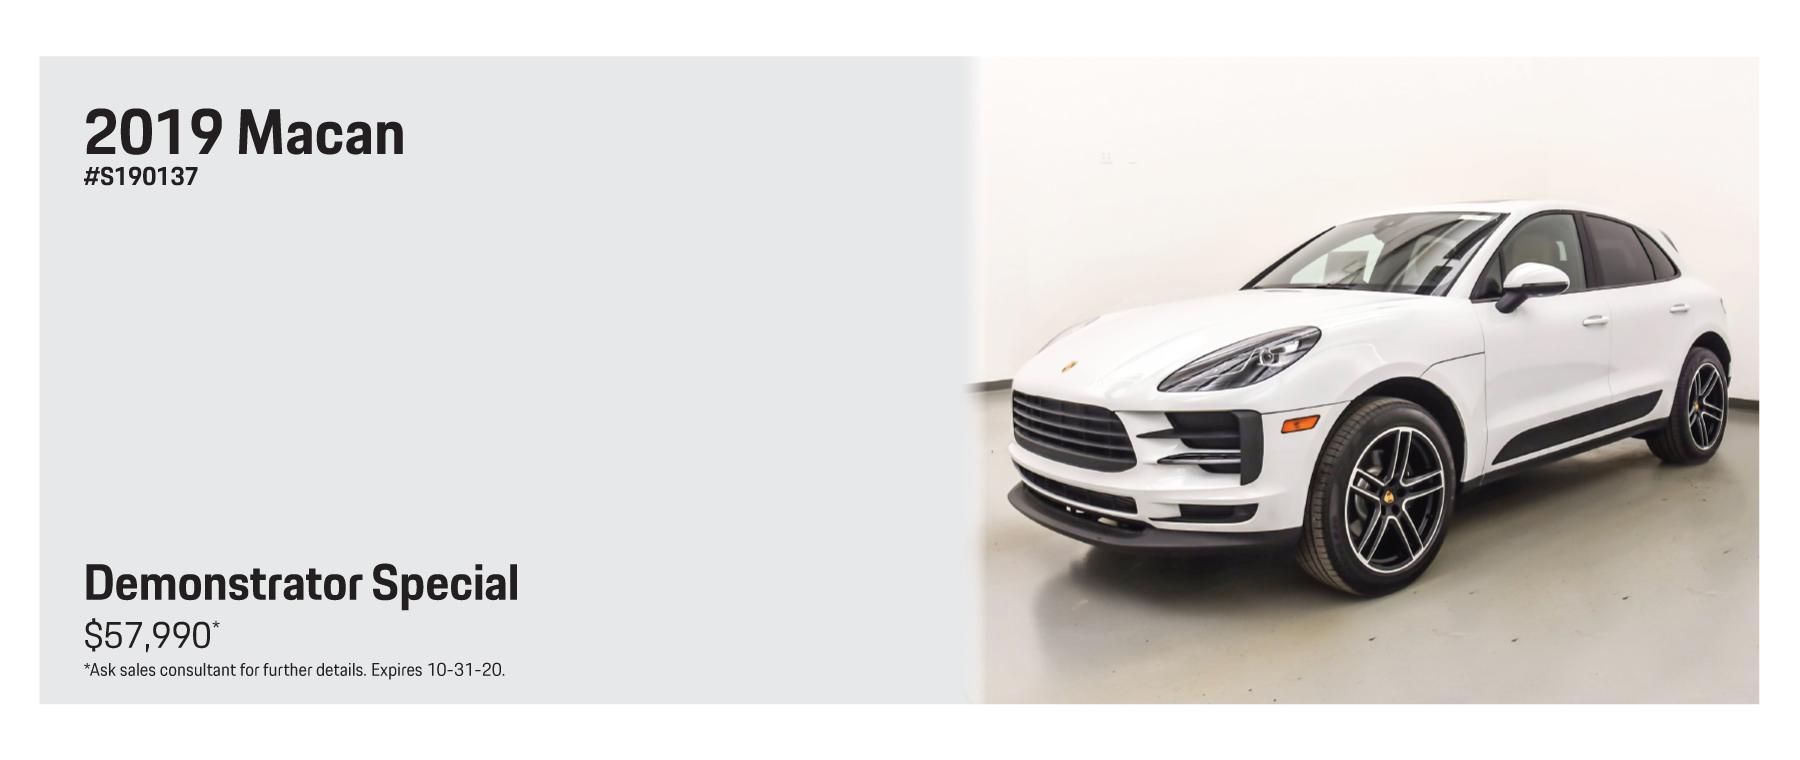 1020-PorscheSpecials-Used-Macan-Desktop